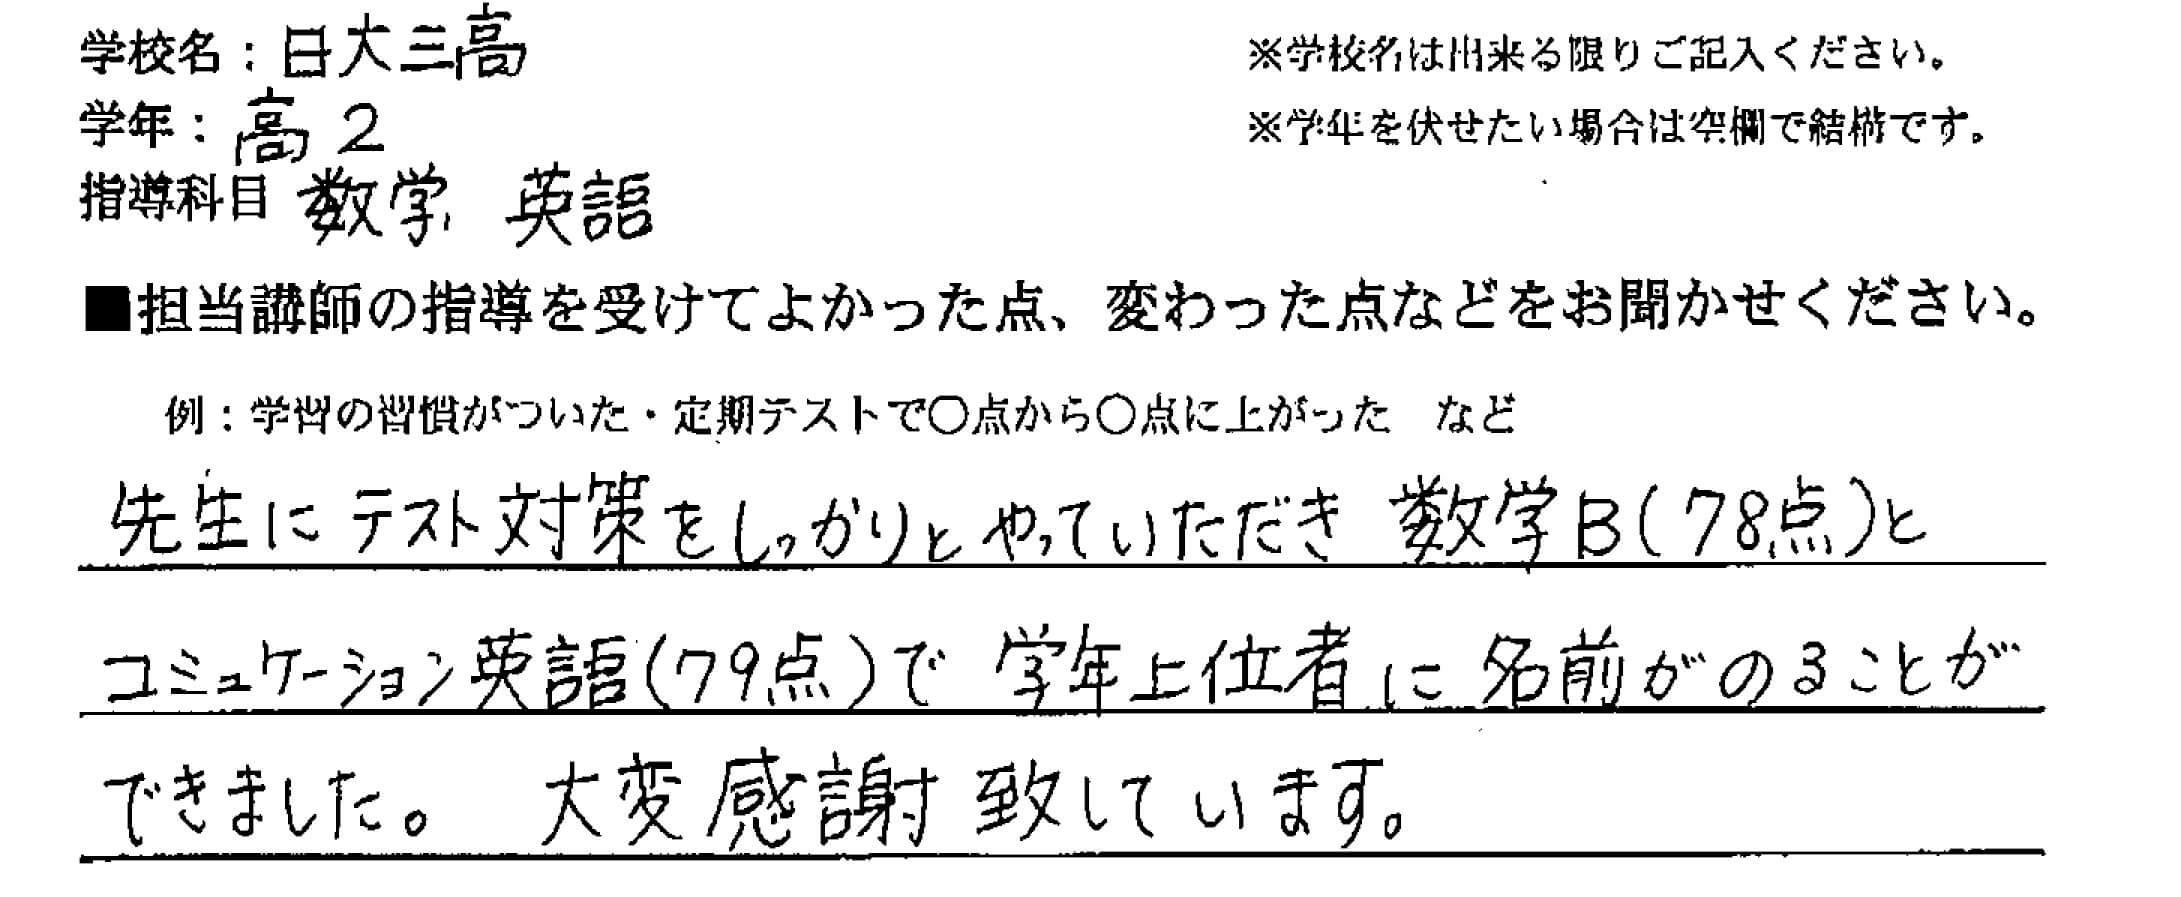 日本大学第三高等学校 2年 N・Aさん